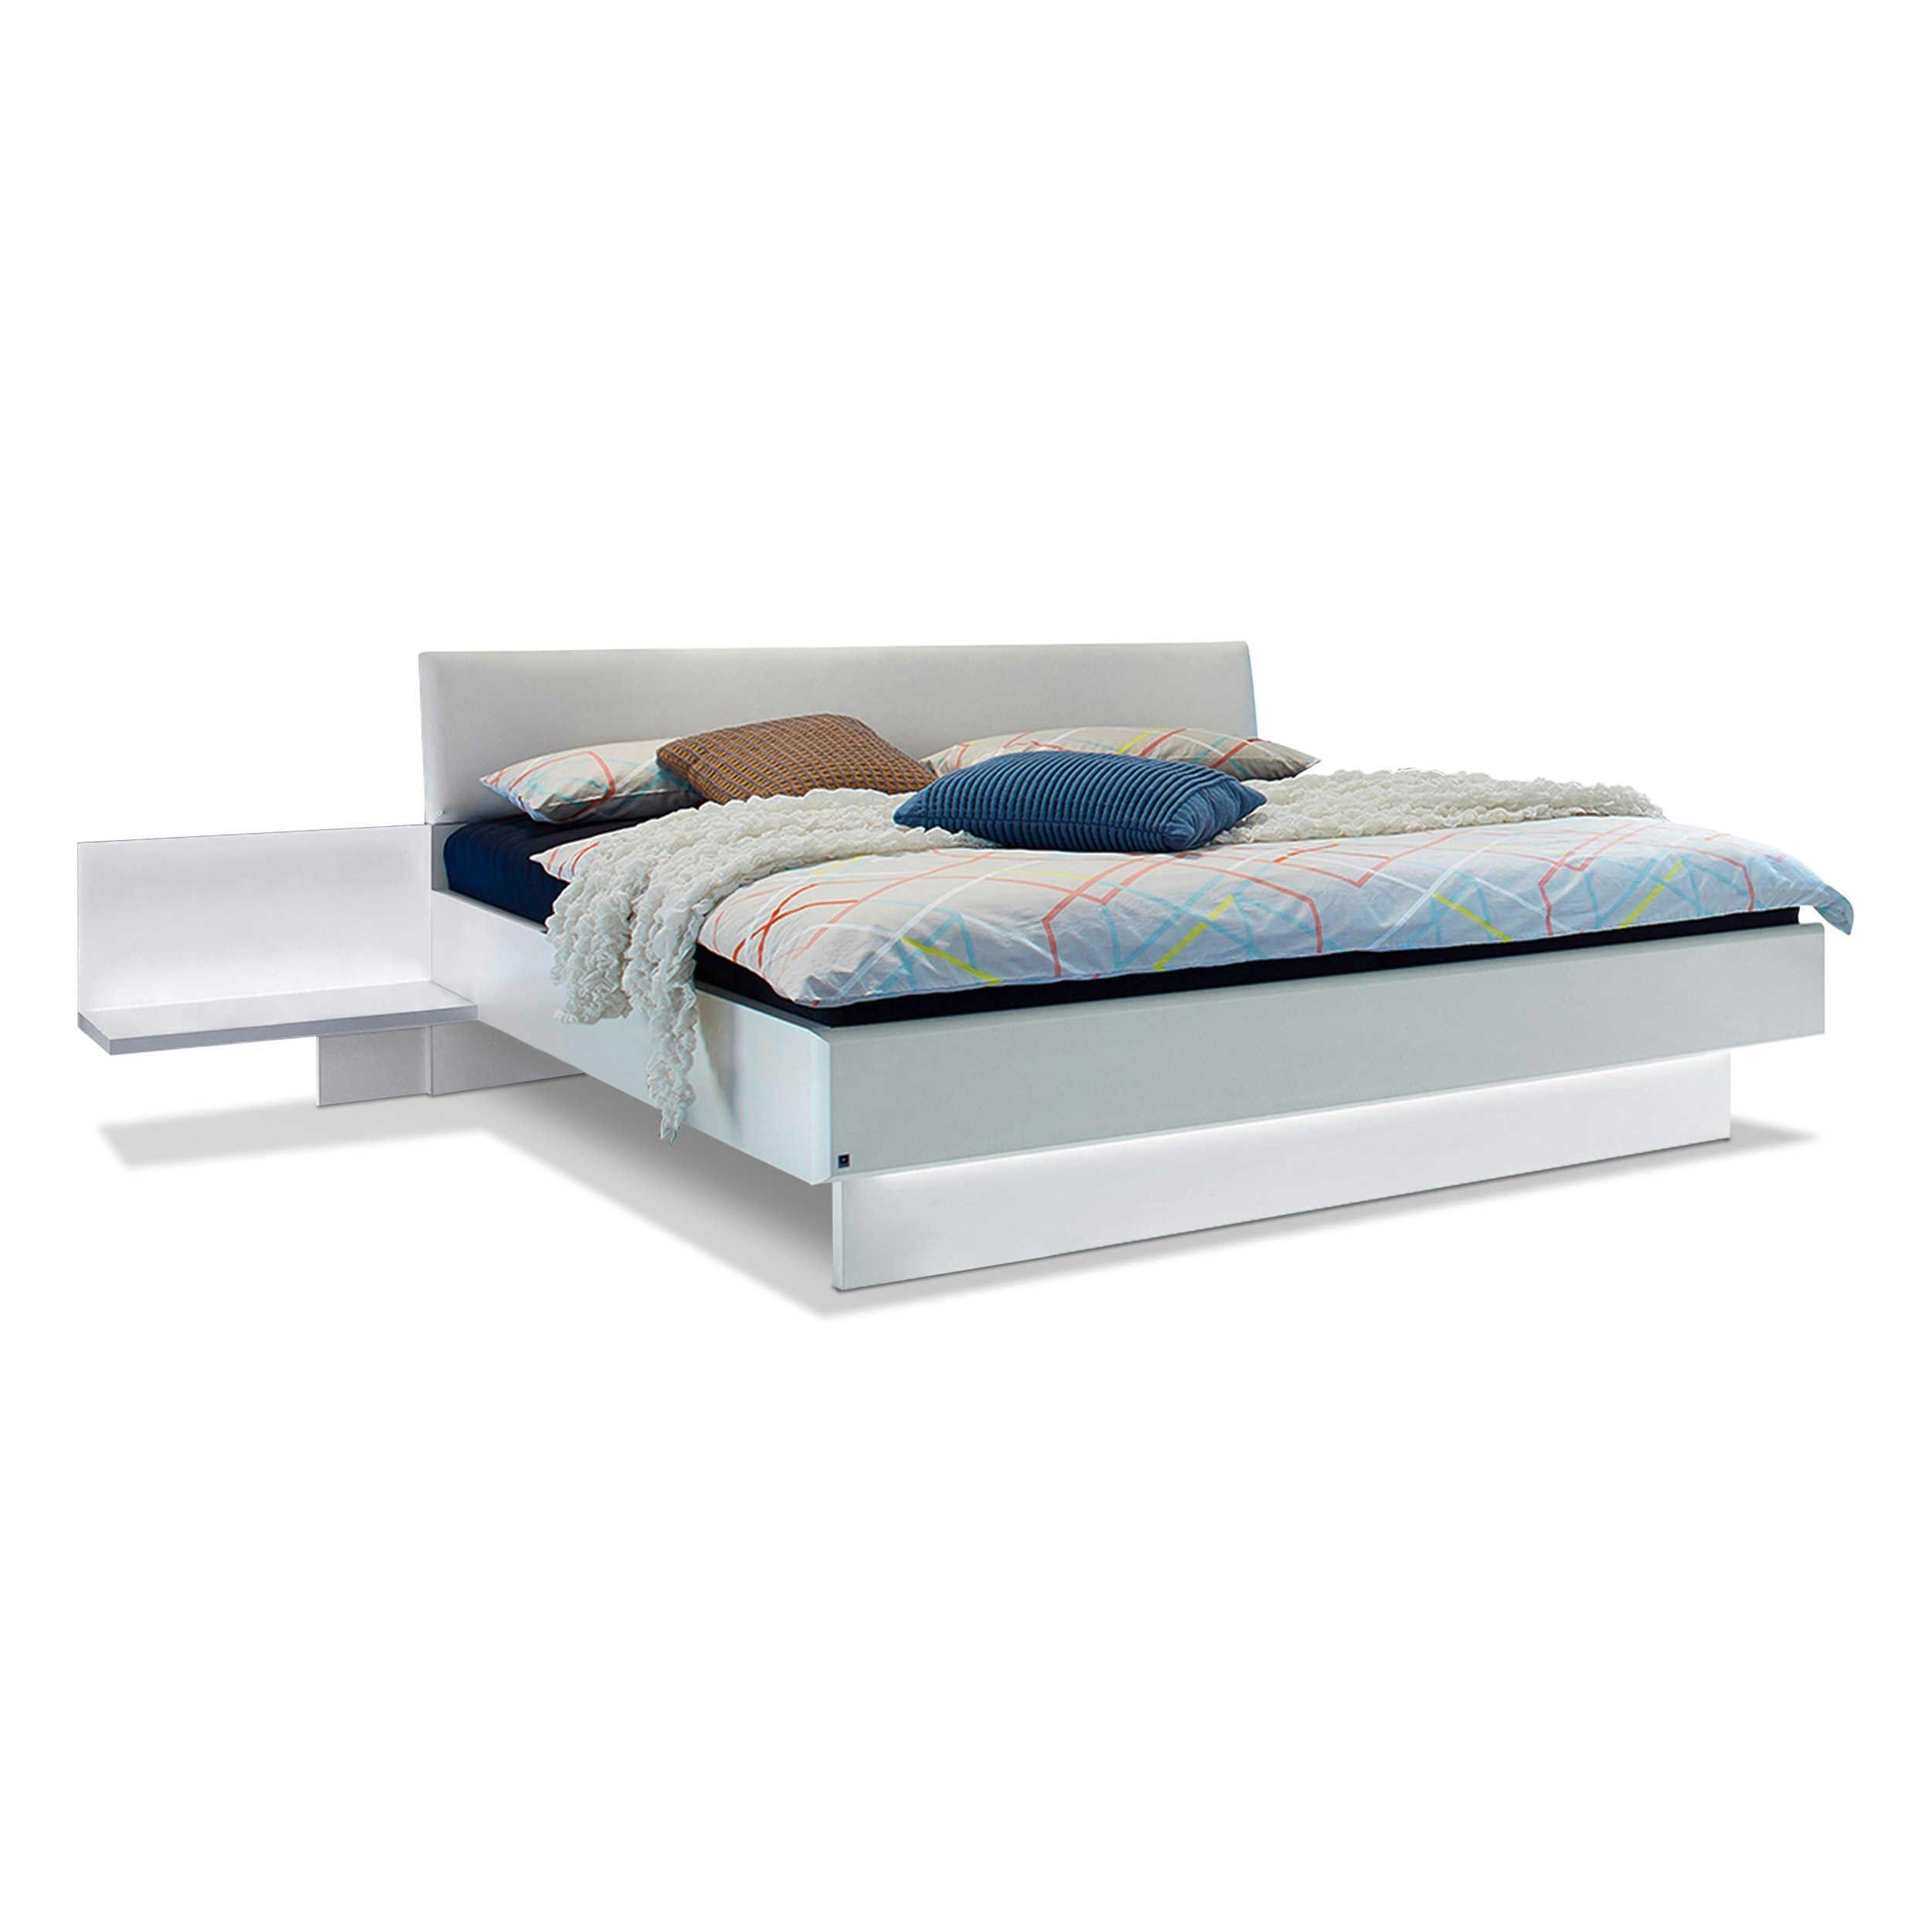 Full Size of Leonardo Living Bett Mit Nachttischen Dream 160 200 Cm A Wei Betten Stauraum Dänisches Bettenlager Badezimmer Bette Starlet Luxus Ikea 160x200 Komplett Bett Bett Günstig